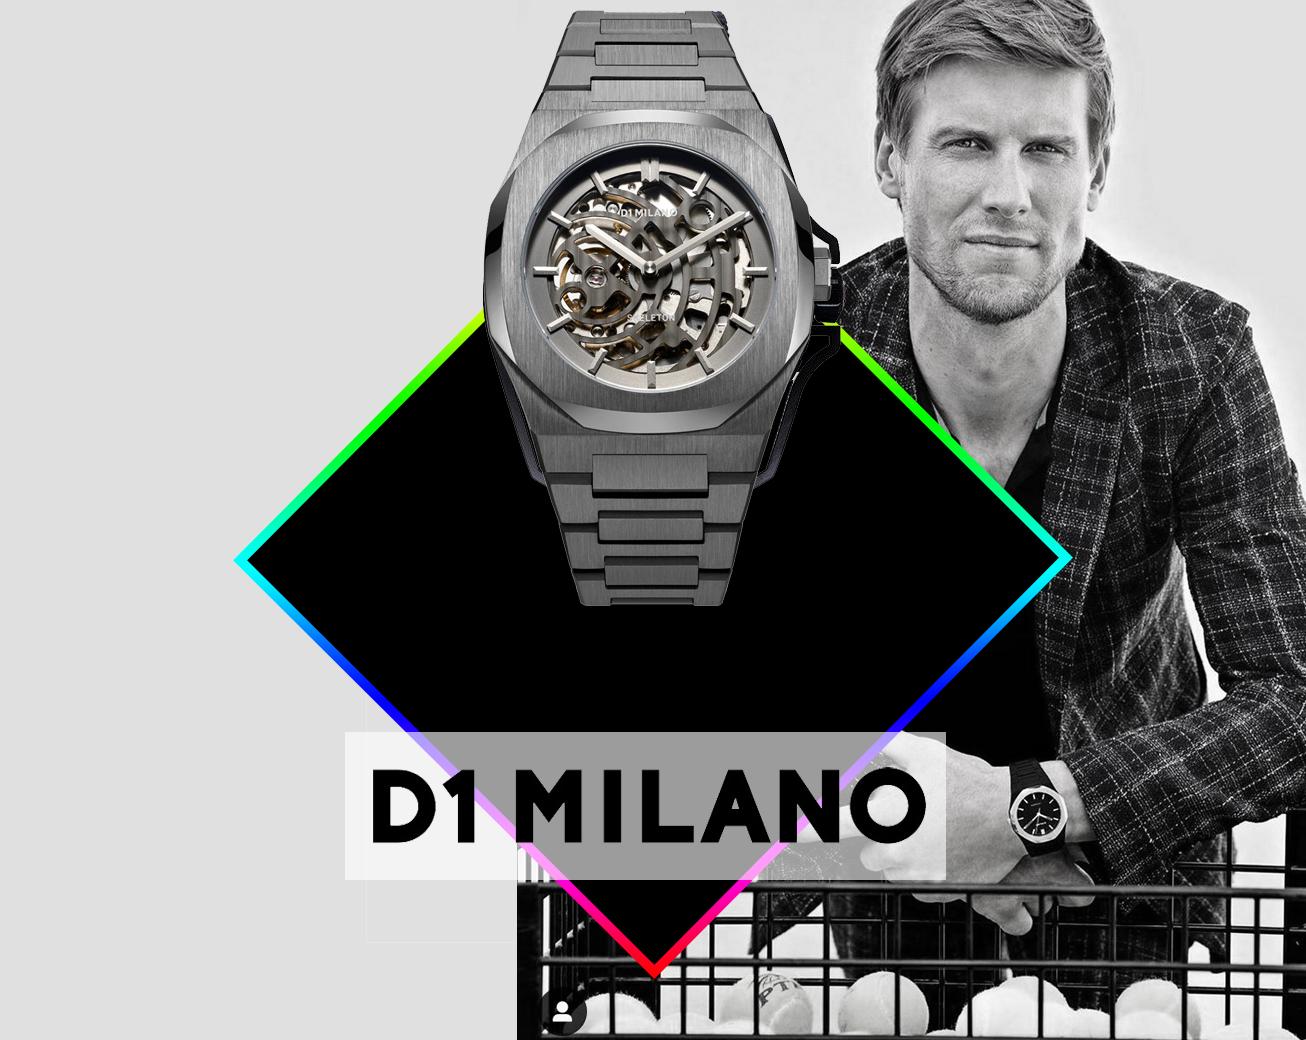 Horloges D1 Milano